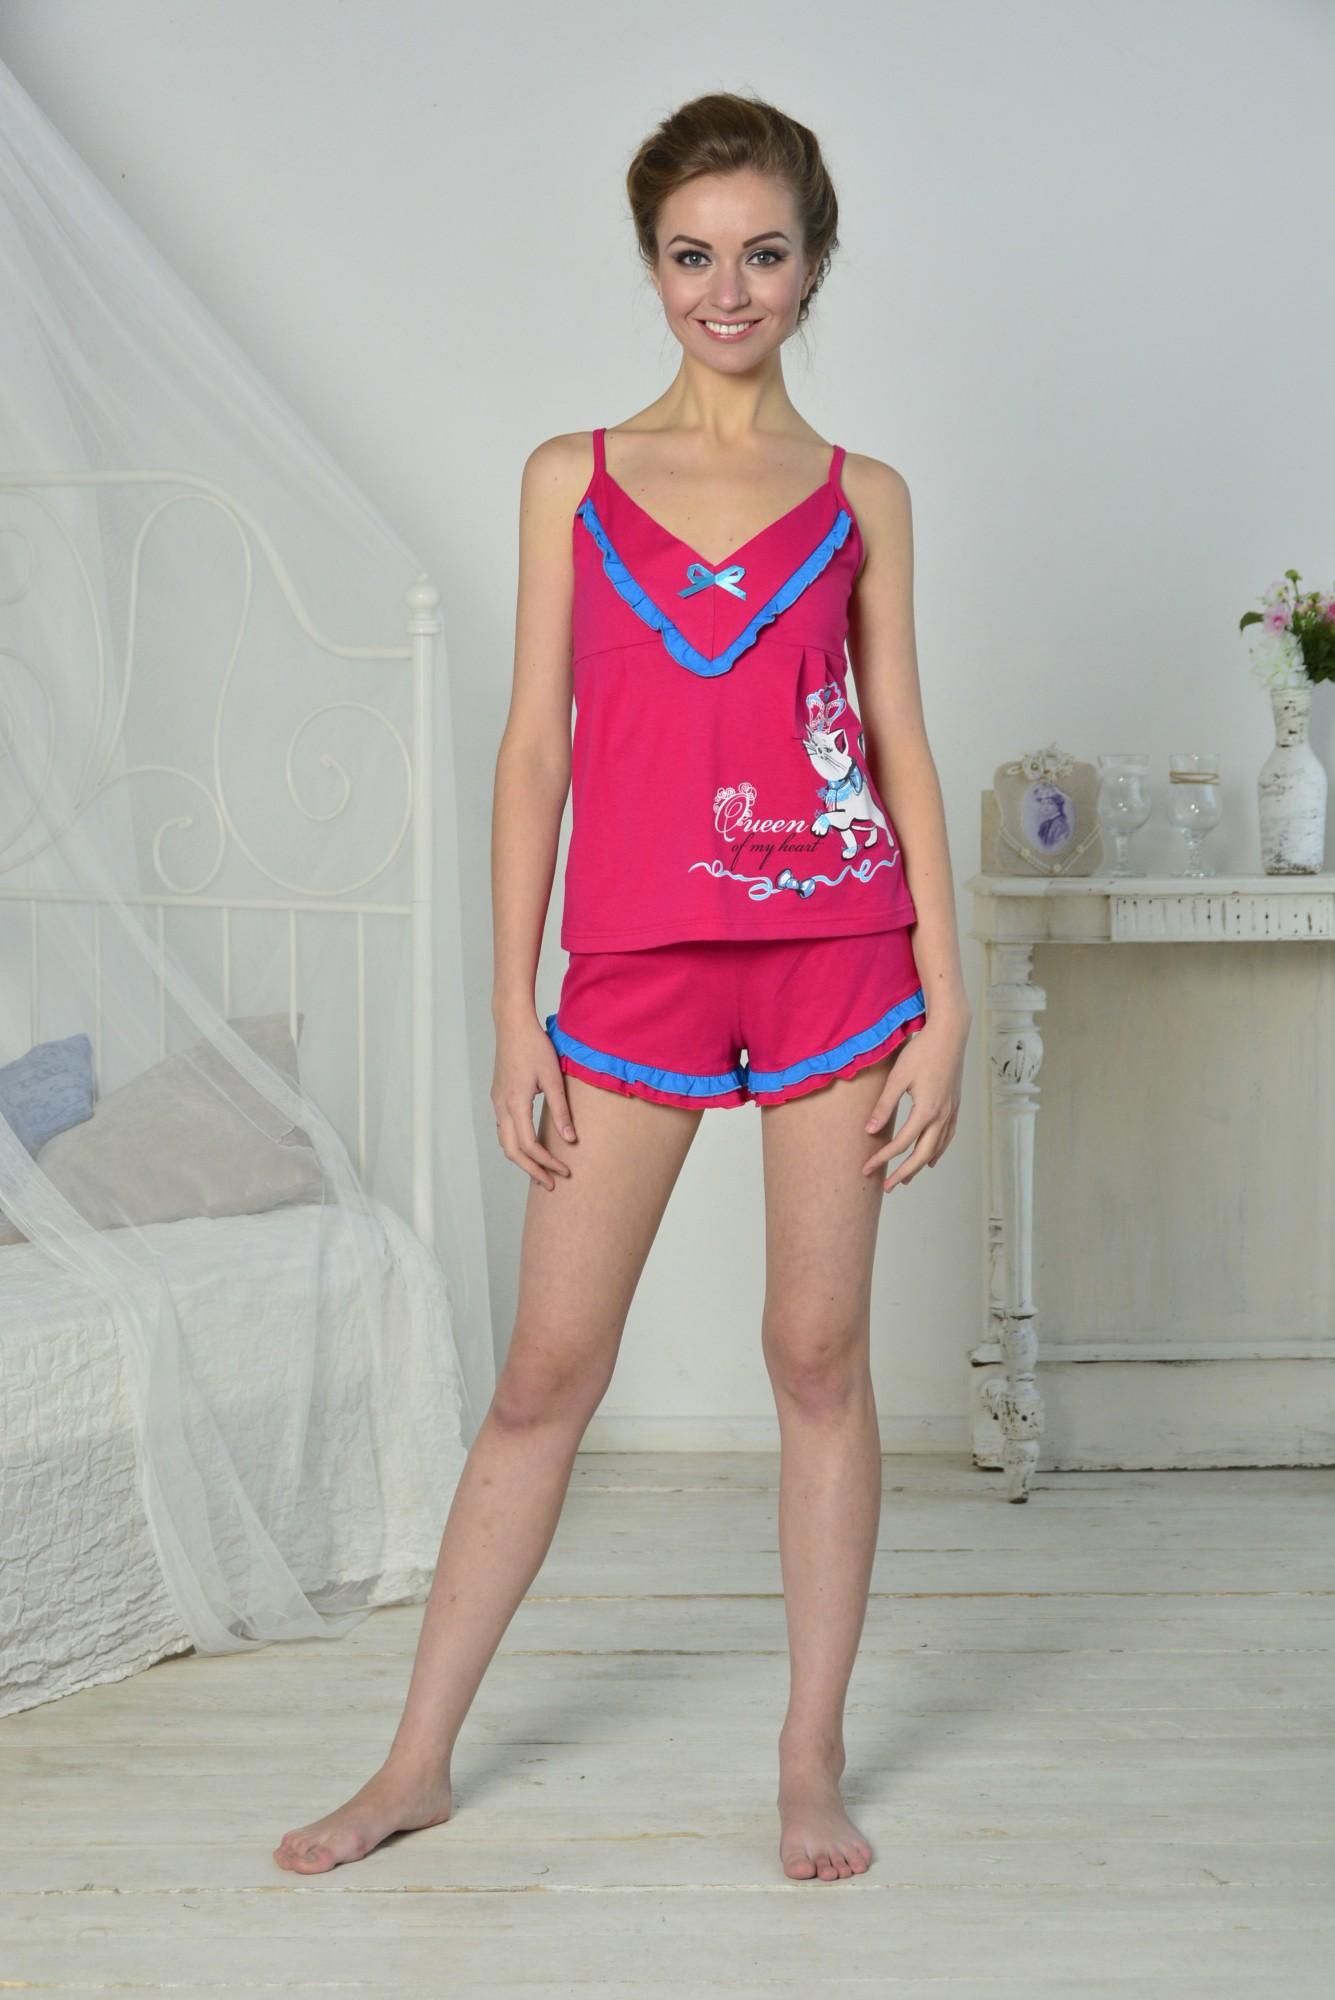 Пижама женская Королева майка +шортыПижамы<br><br><br>Размер: 40